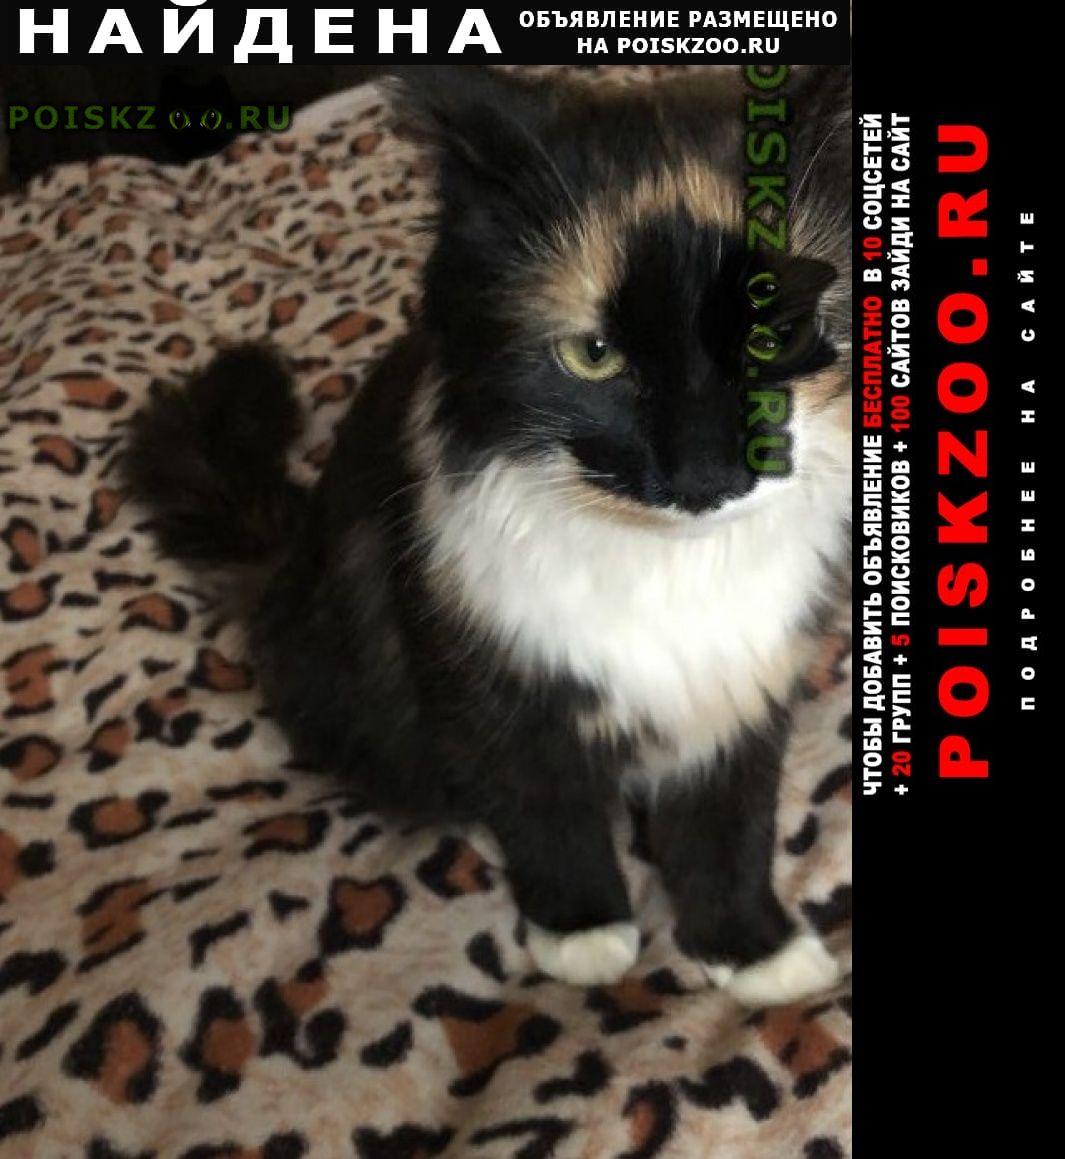 Найдена кошка молодая трехцветная кошечка. Санкт-Петербург